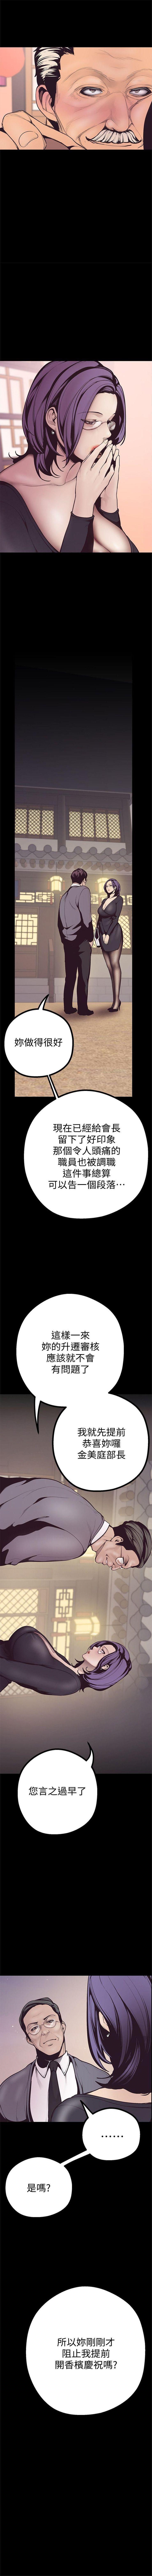 (周6)美丽新世界 1-61 中文翻译 (更新中) 53